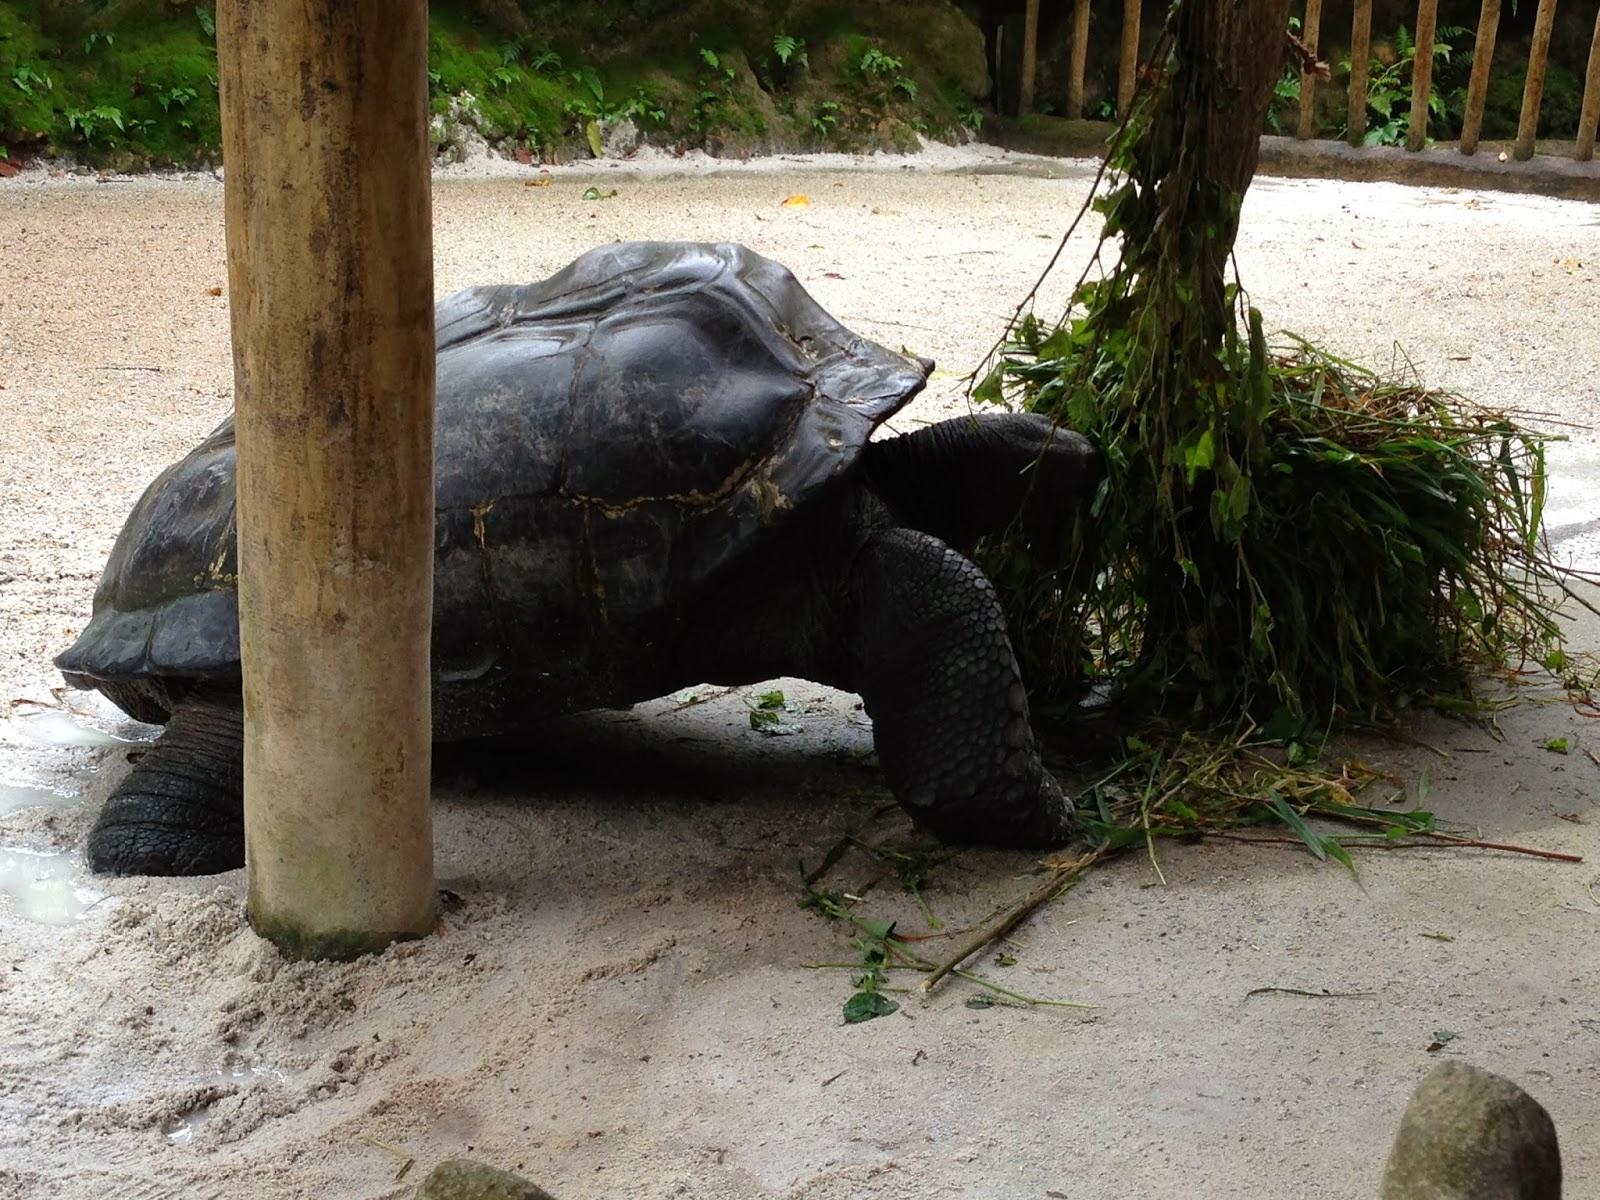 Singapore Zoo ANimals-Singapore Zoo Timings